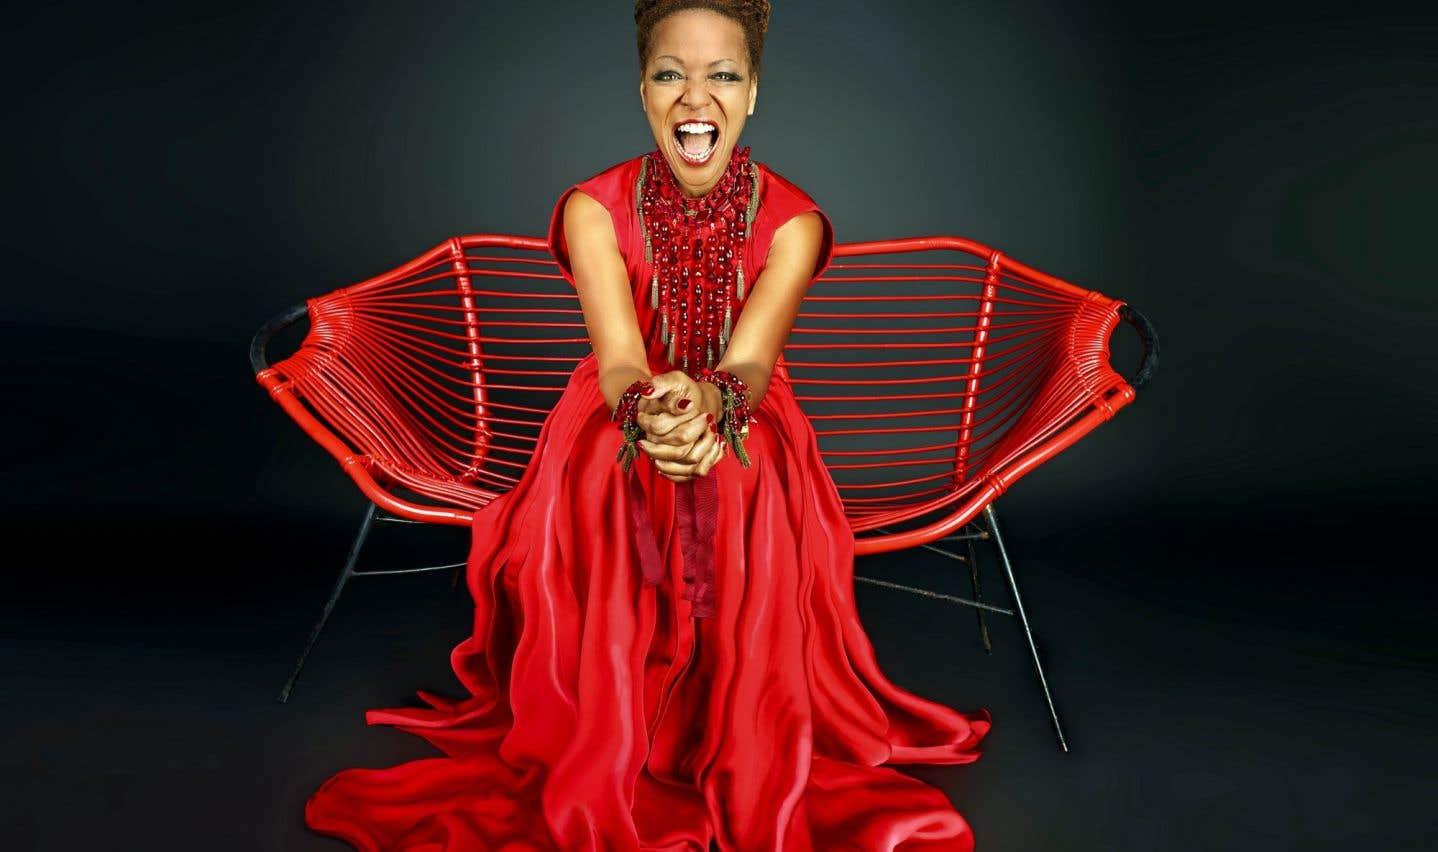 La première partie du spectacle de Melody Gardot au FIJM sera assurée par Lisa Simone, elle dont le nom de famille évoque à lui seul un pan immense de l'histoire du jazz, suivant à sa manière les traces de sa mère Nina.